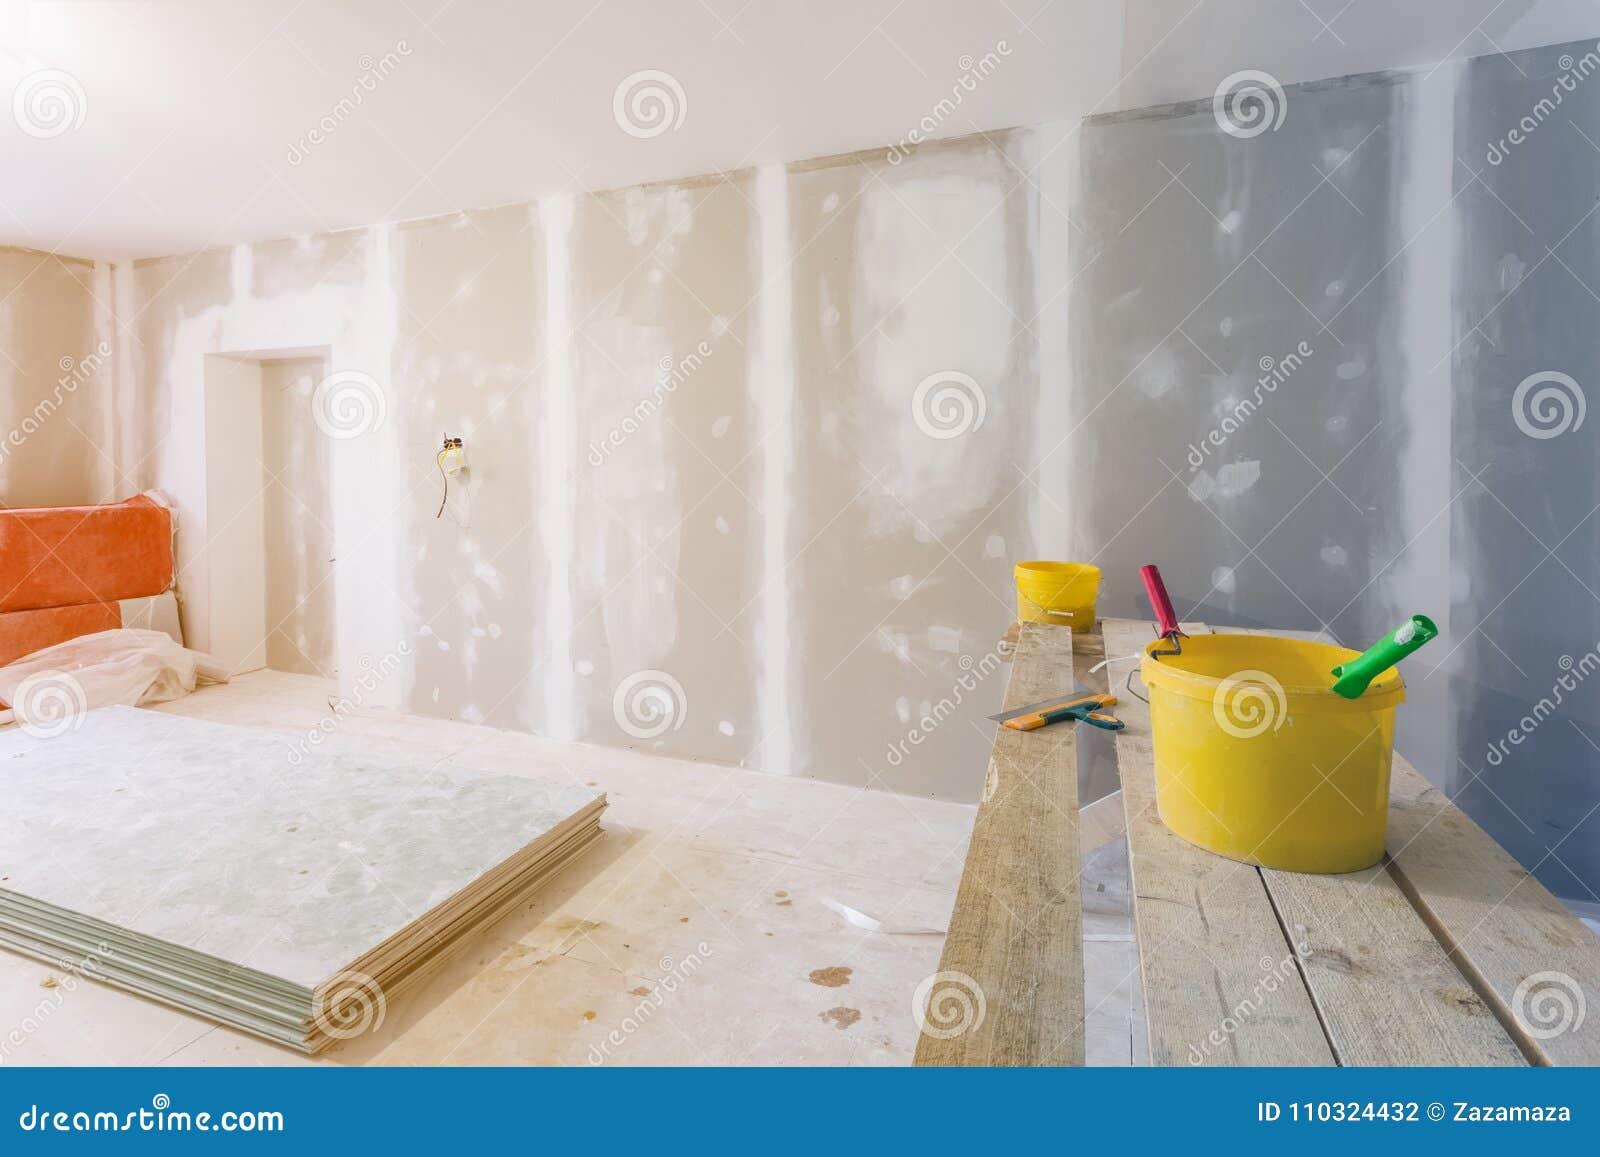 Нож замазки, желтые ведра с клеем и роликами клея на деревянной доске в комнате под конструкцией